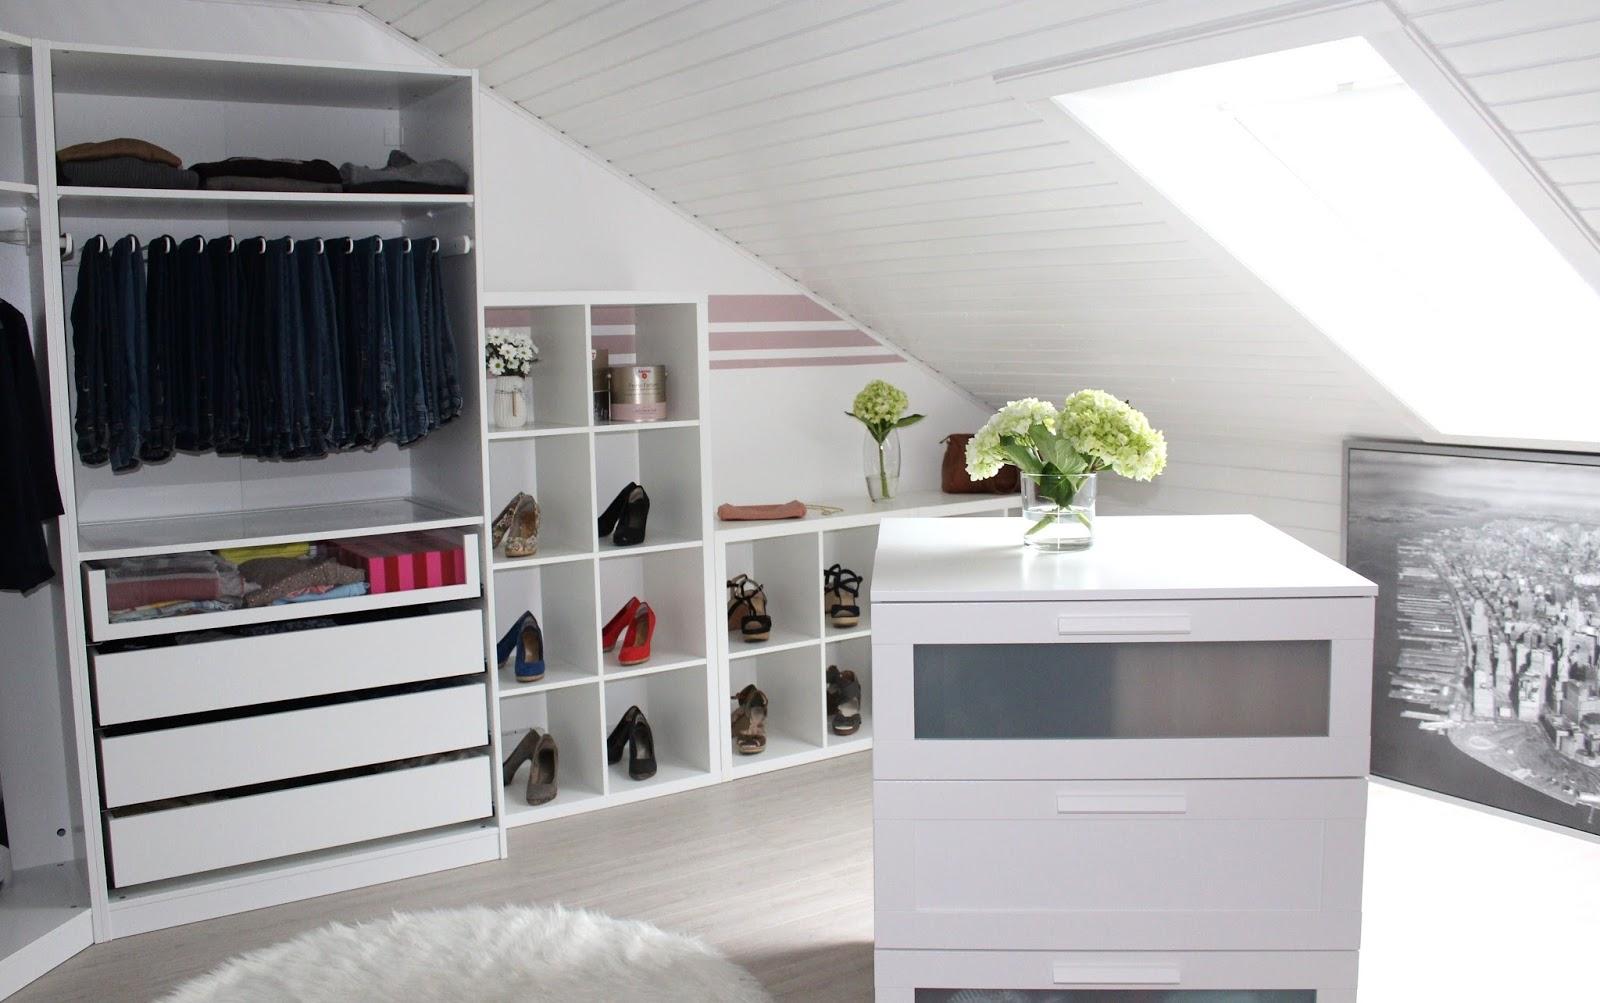 Pax Kleiderschrank Beispiele Ikea Schlafzimmer Schrank Rockydurham